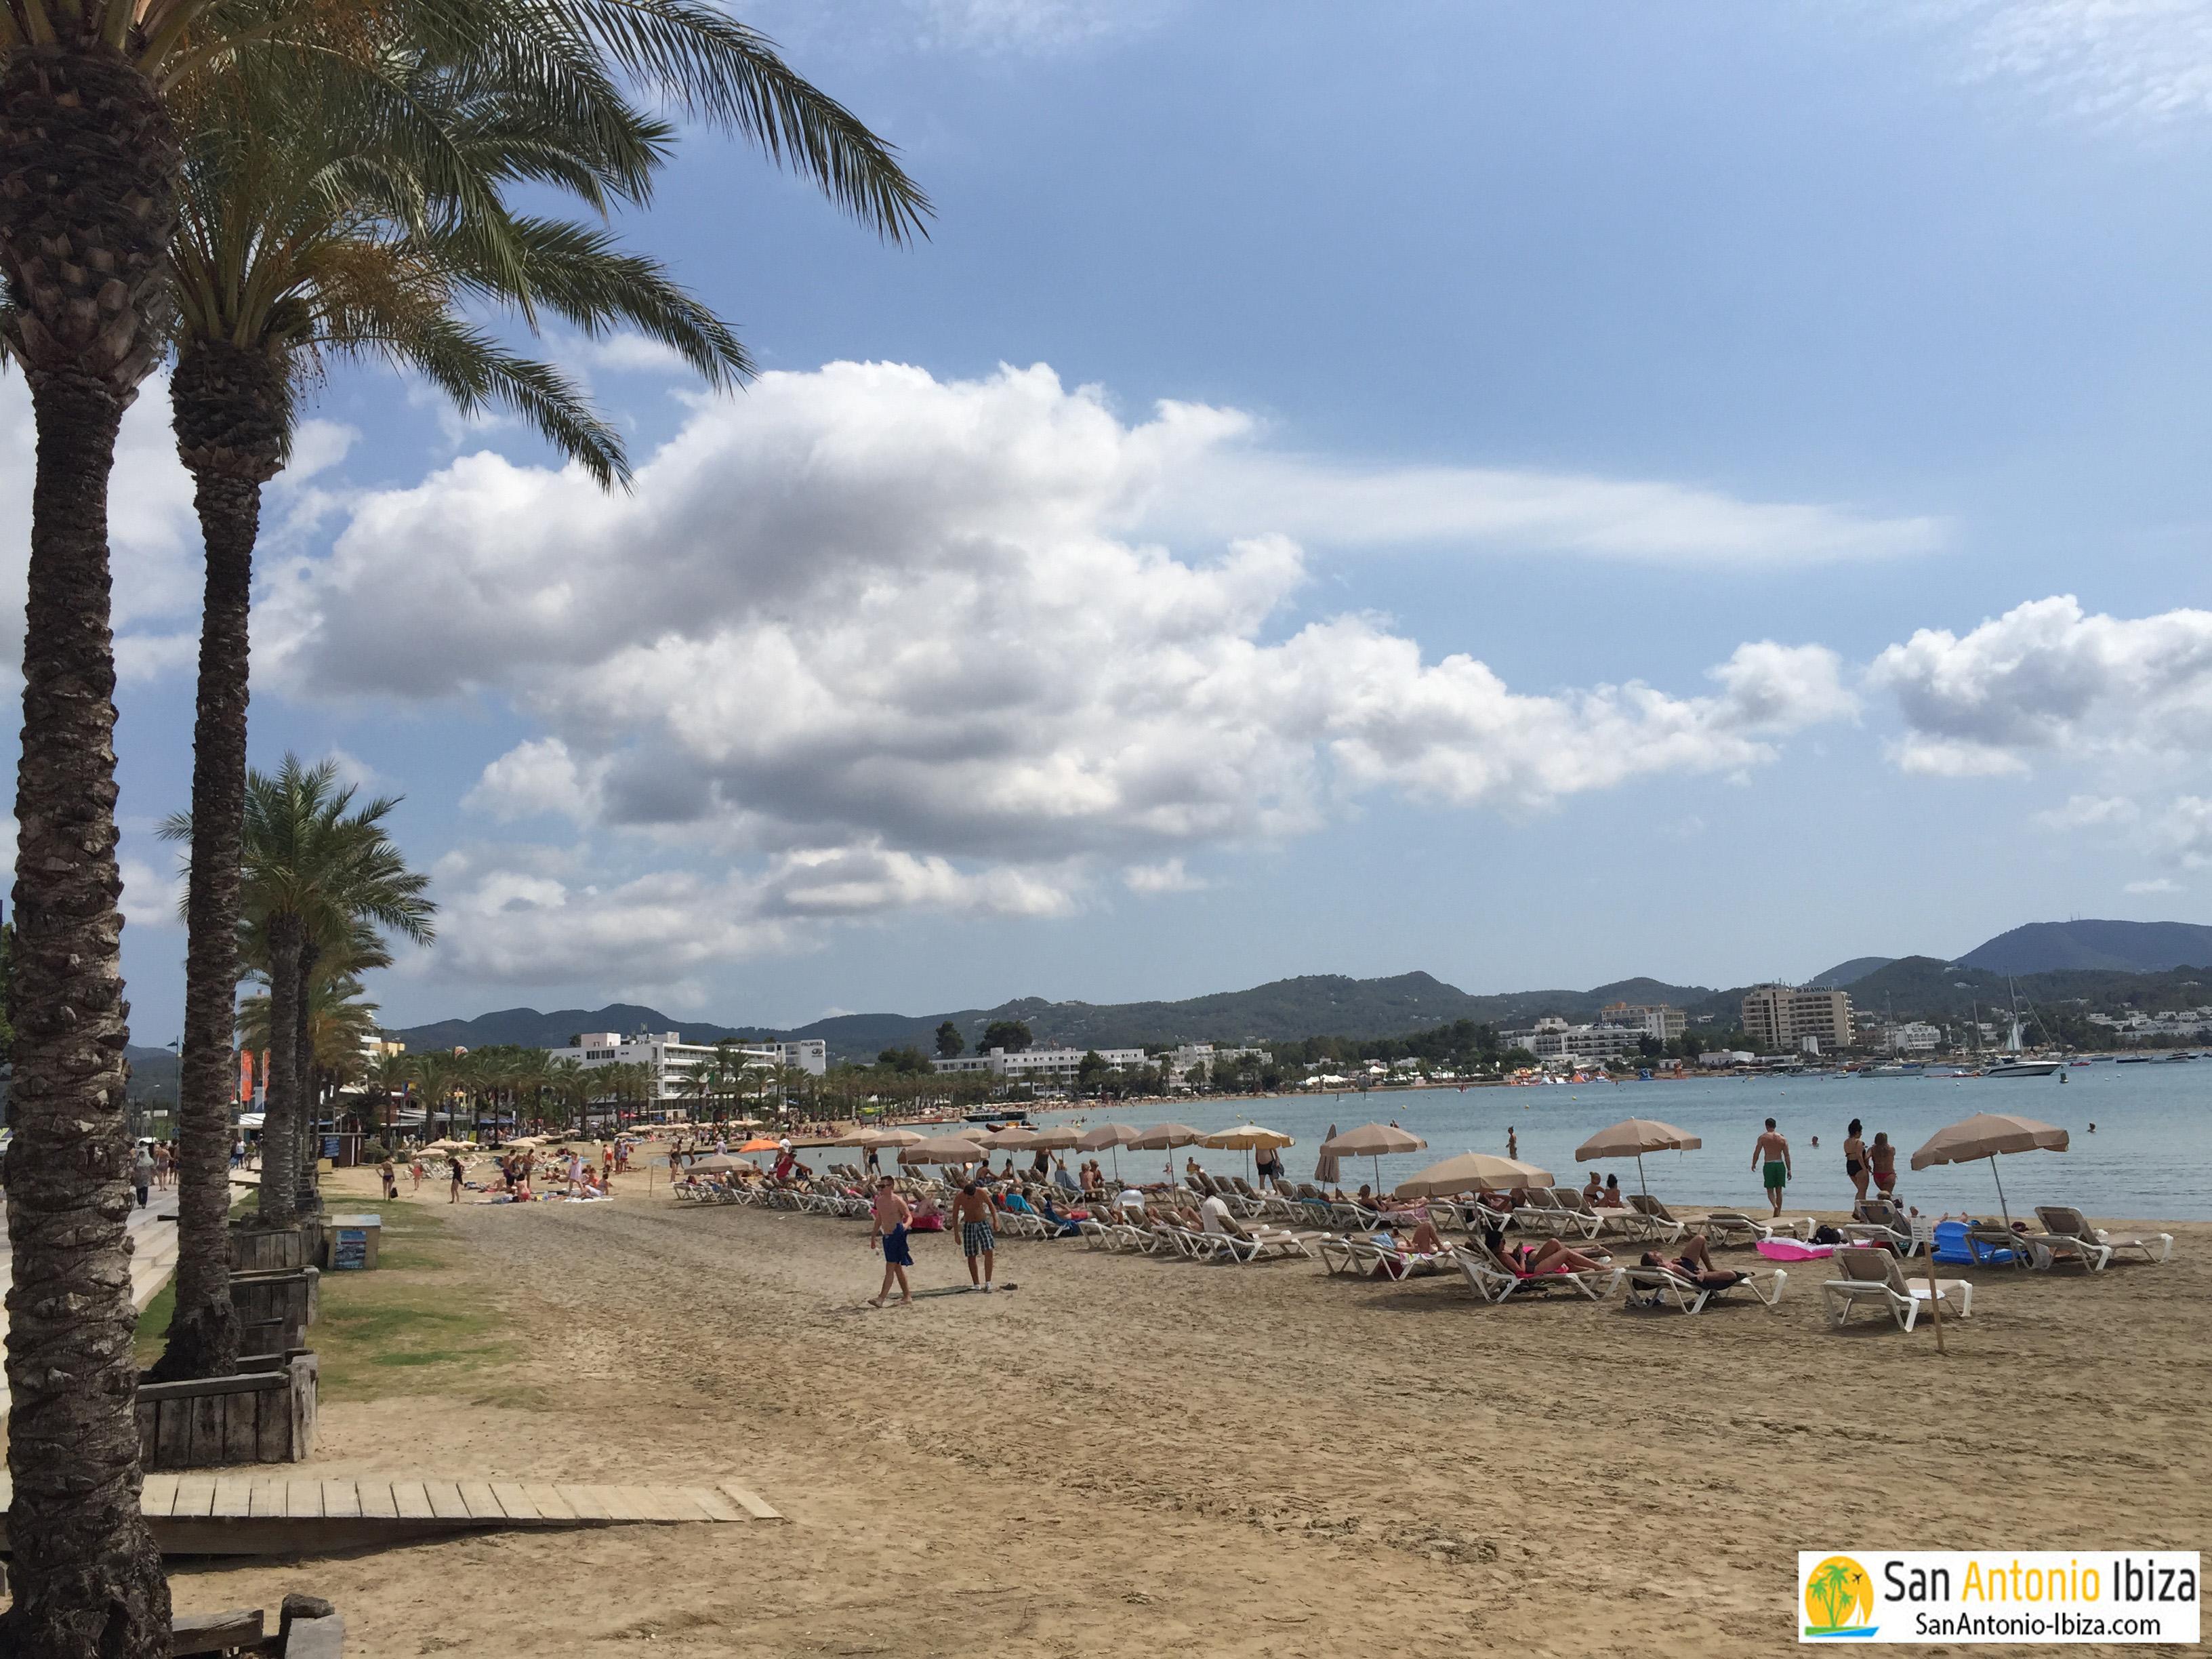 San Antonio Ibiza beach of Platja de s Arenal